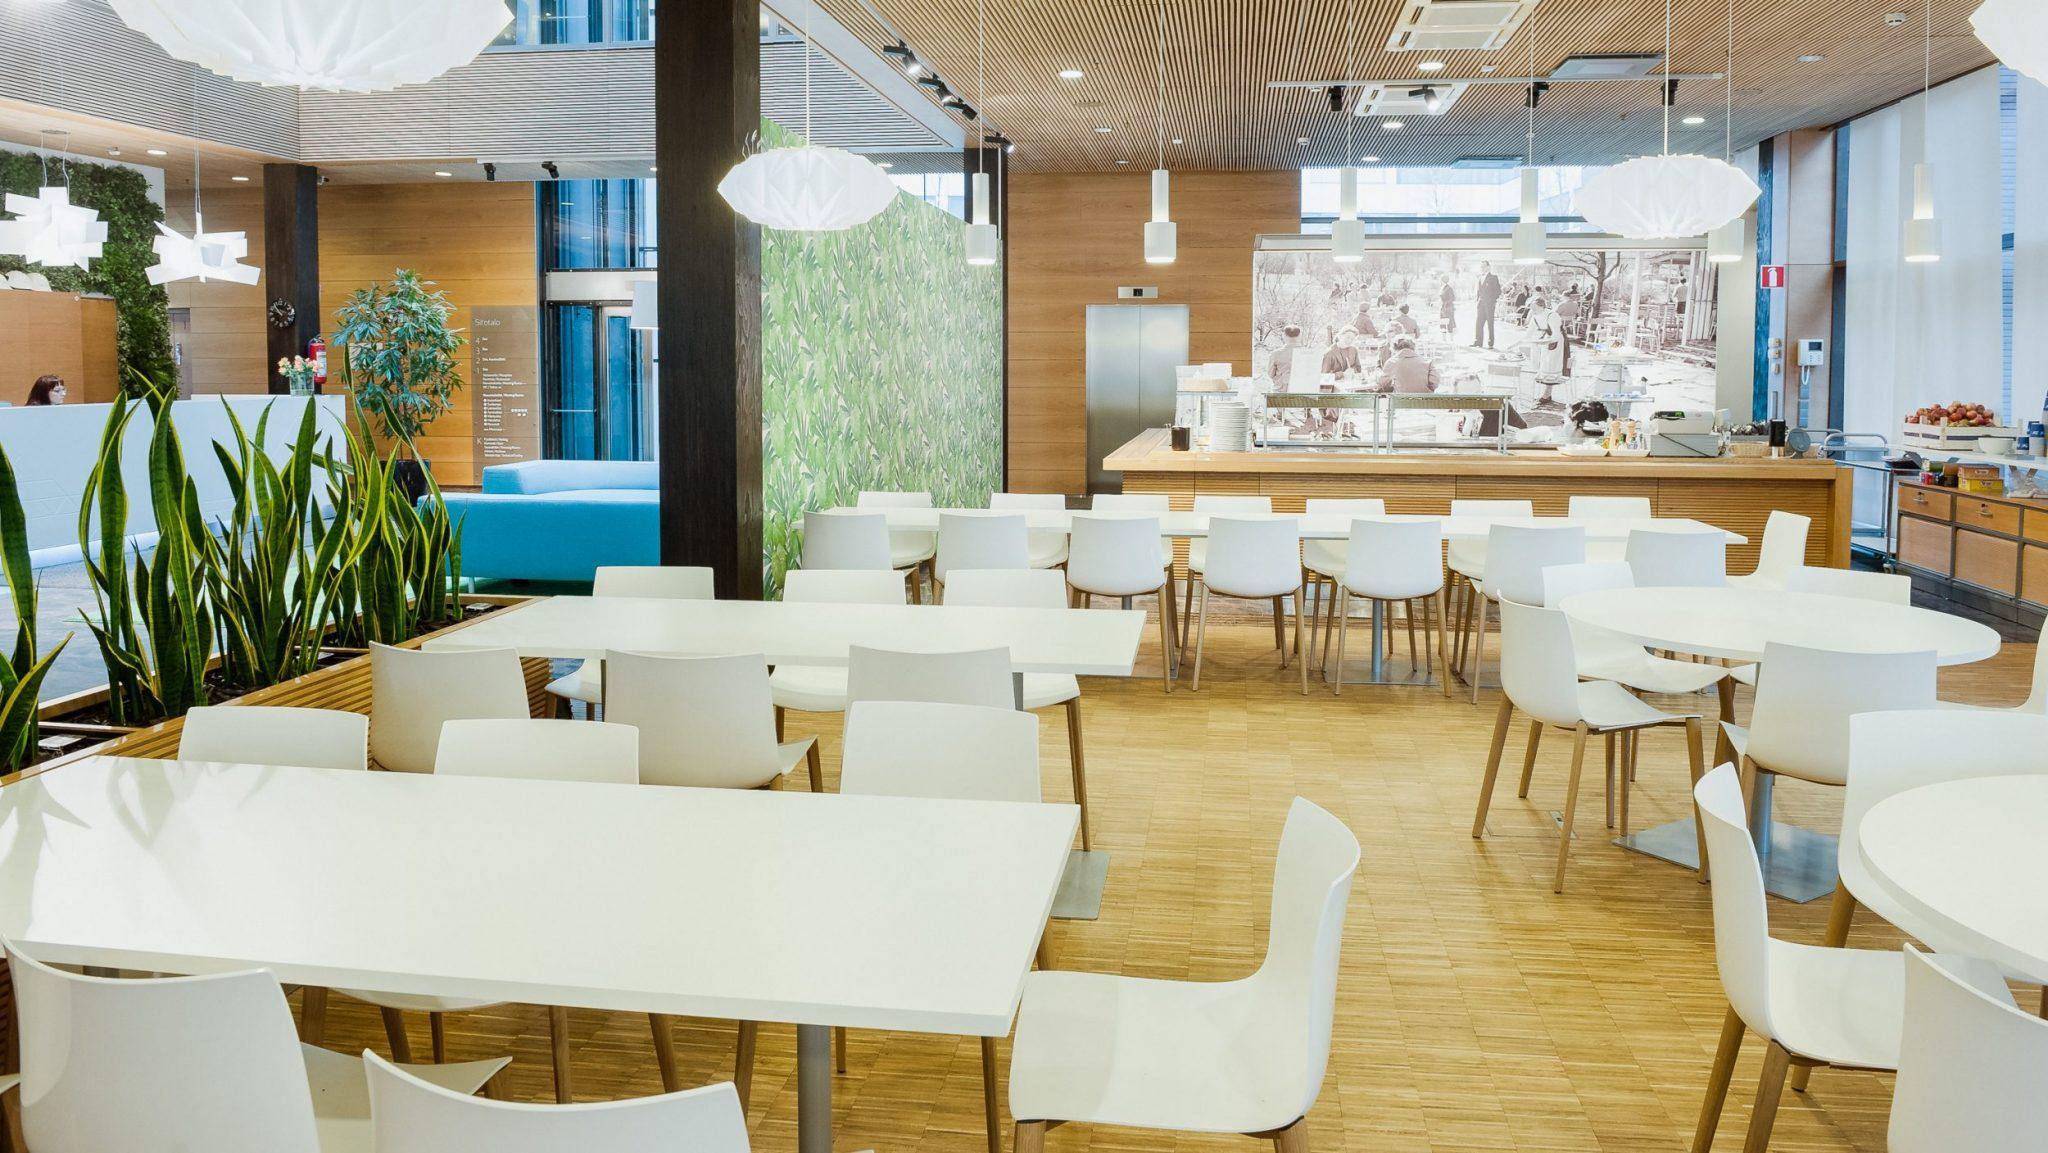 Sito-Espoo-GI-Project-1